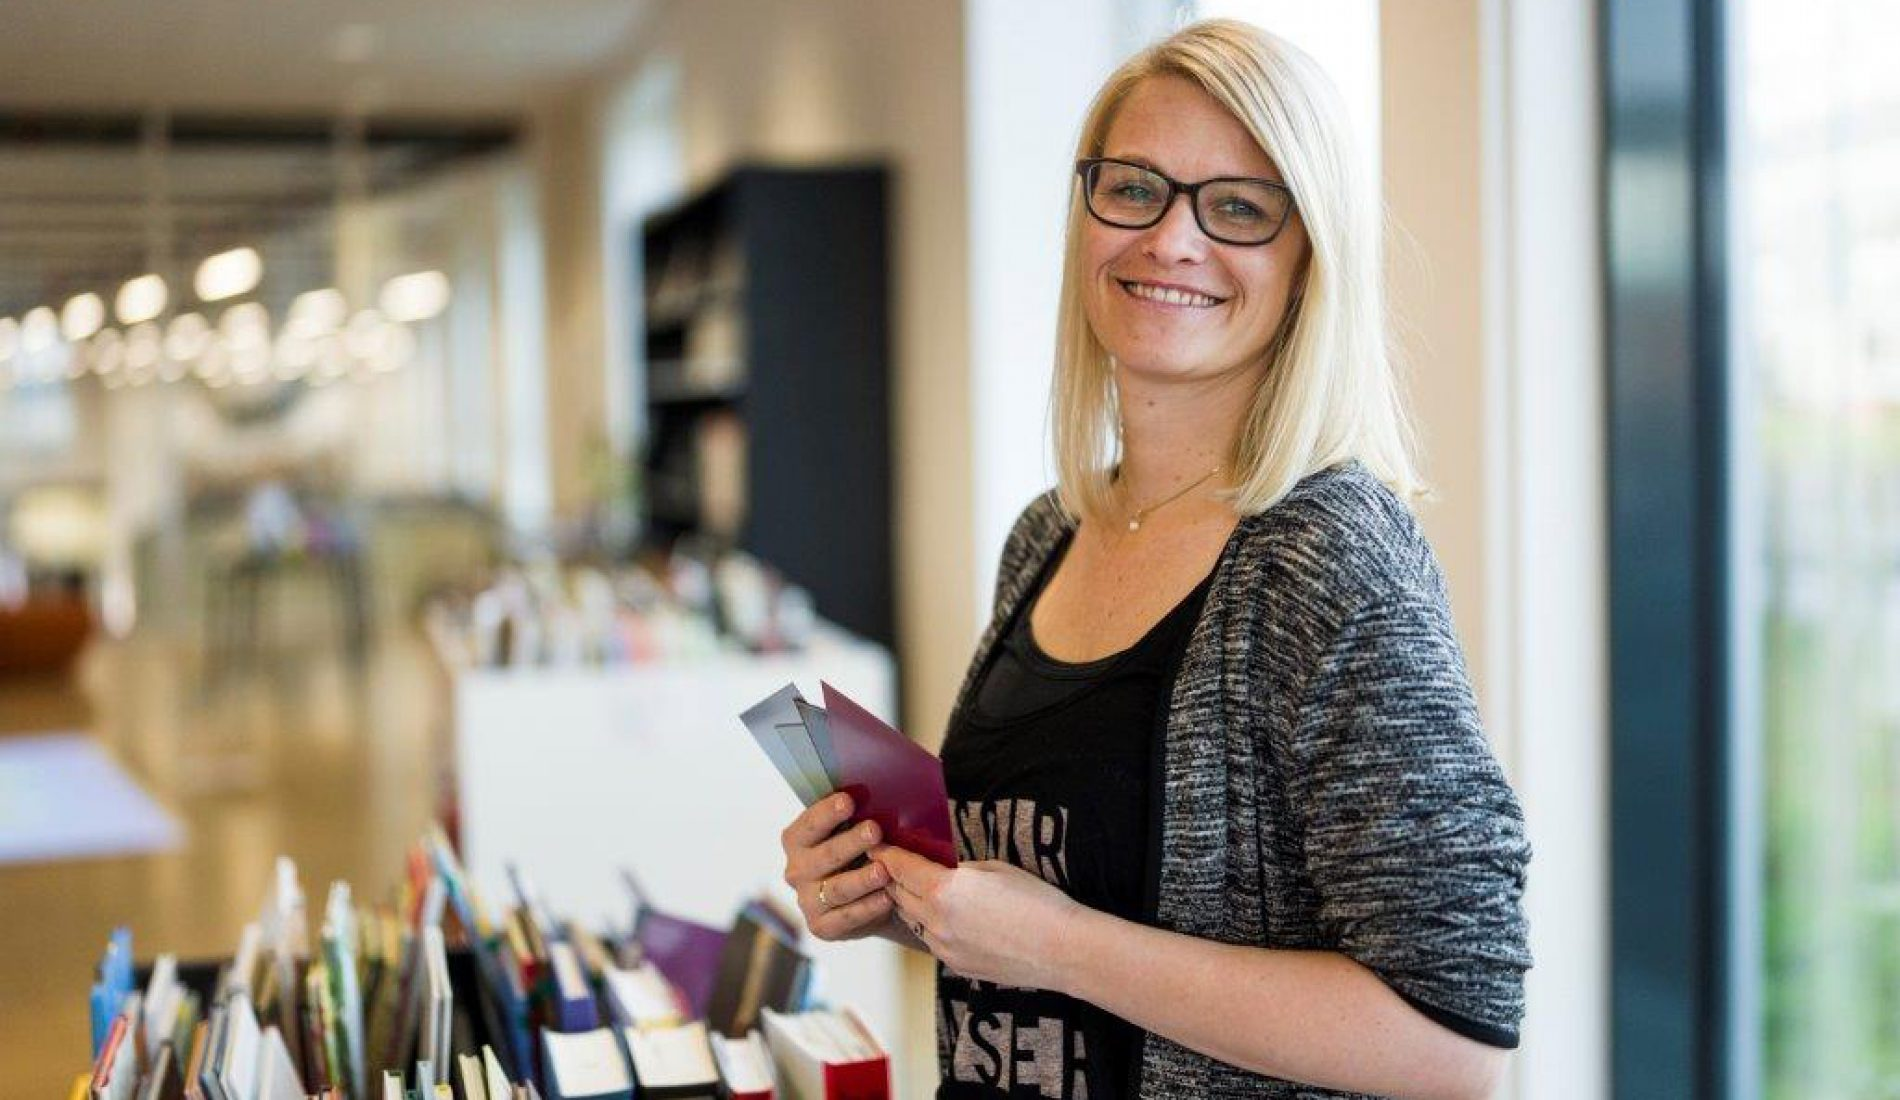 Aina Vestengen har jobbet med innredningen i Bibliotekenes Hus. Hun håper huset blir et sted bibliotek- og skolefolk kommer for få tips og inspirasjon.